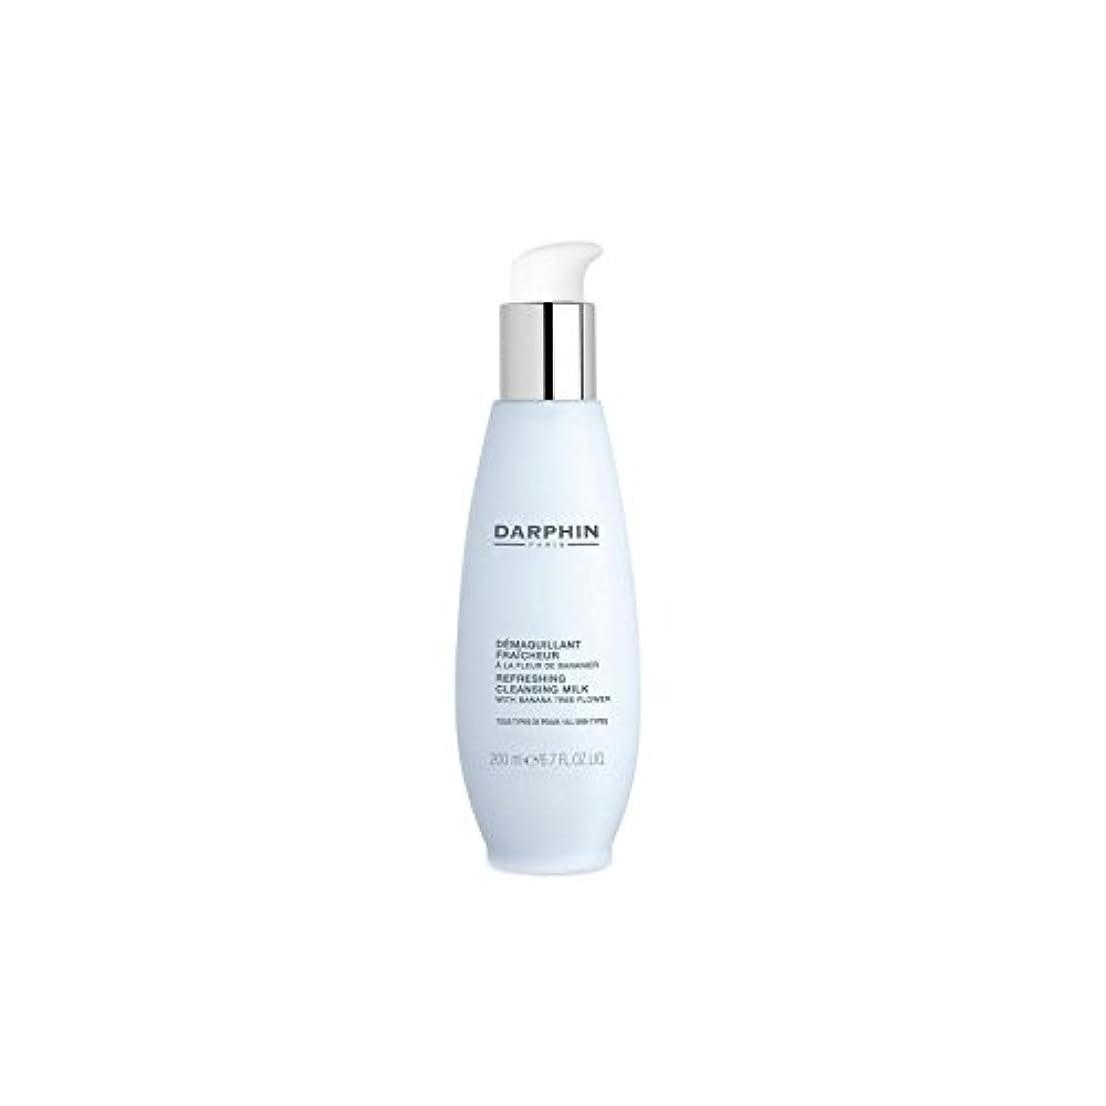 世論調査観点拡声器さわやかなクレンジングミルクをダルファン - 正常な皮膚のために(200ミリリットル) x4 - Darphin Refreshing Cleansing Milk - For Normal Skin (200ml) (...